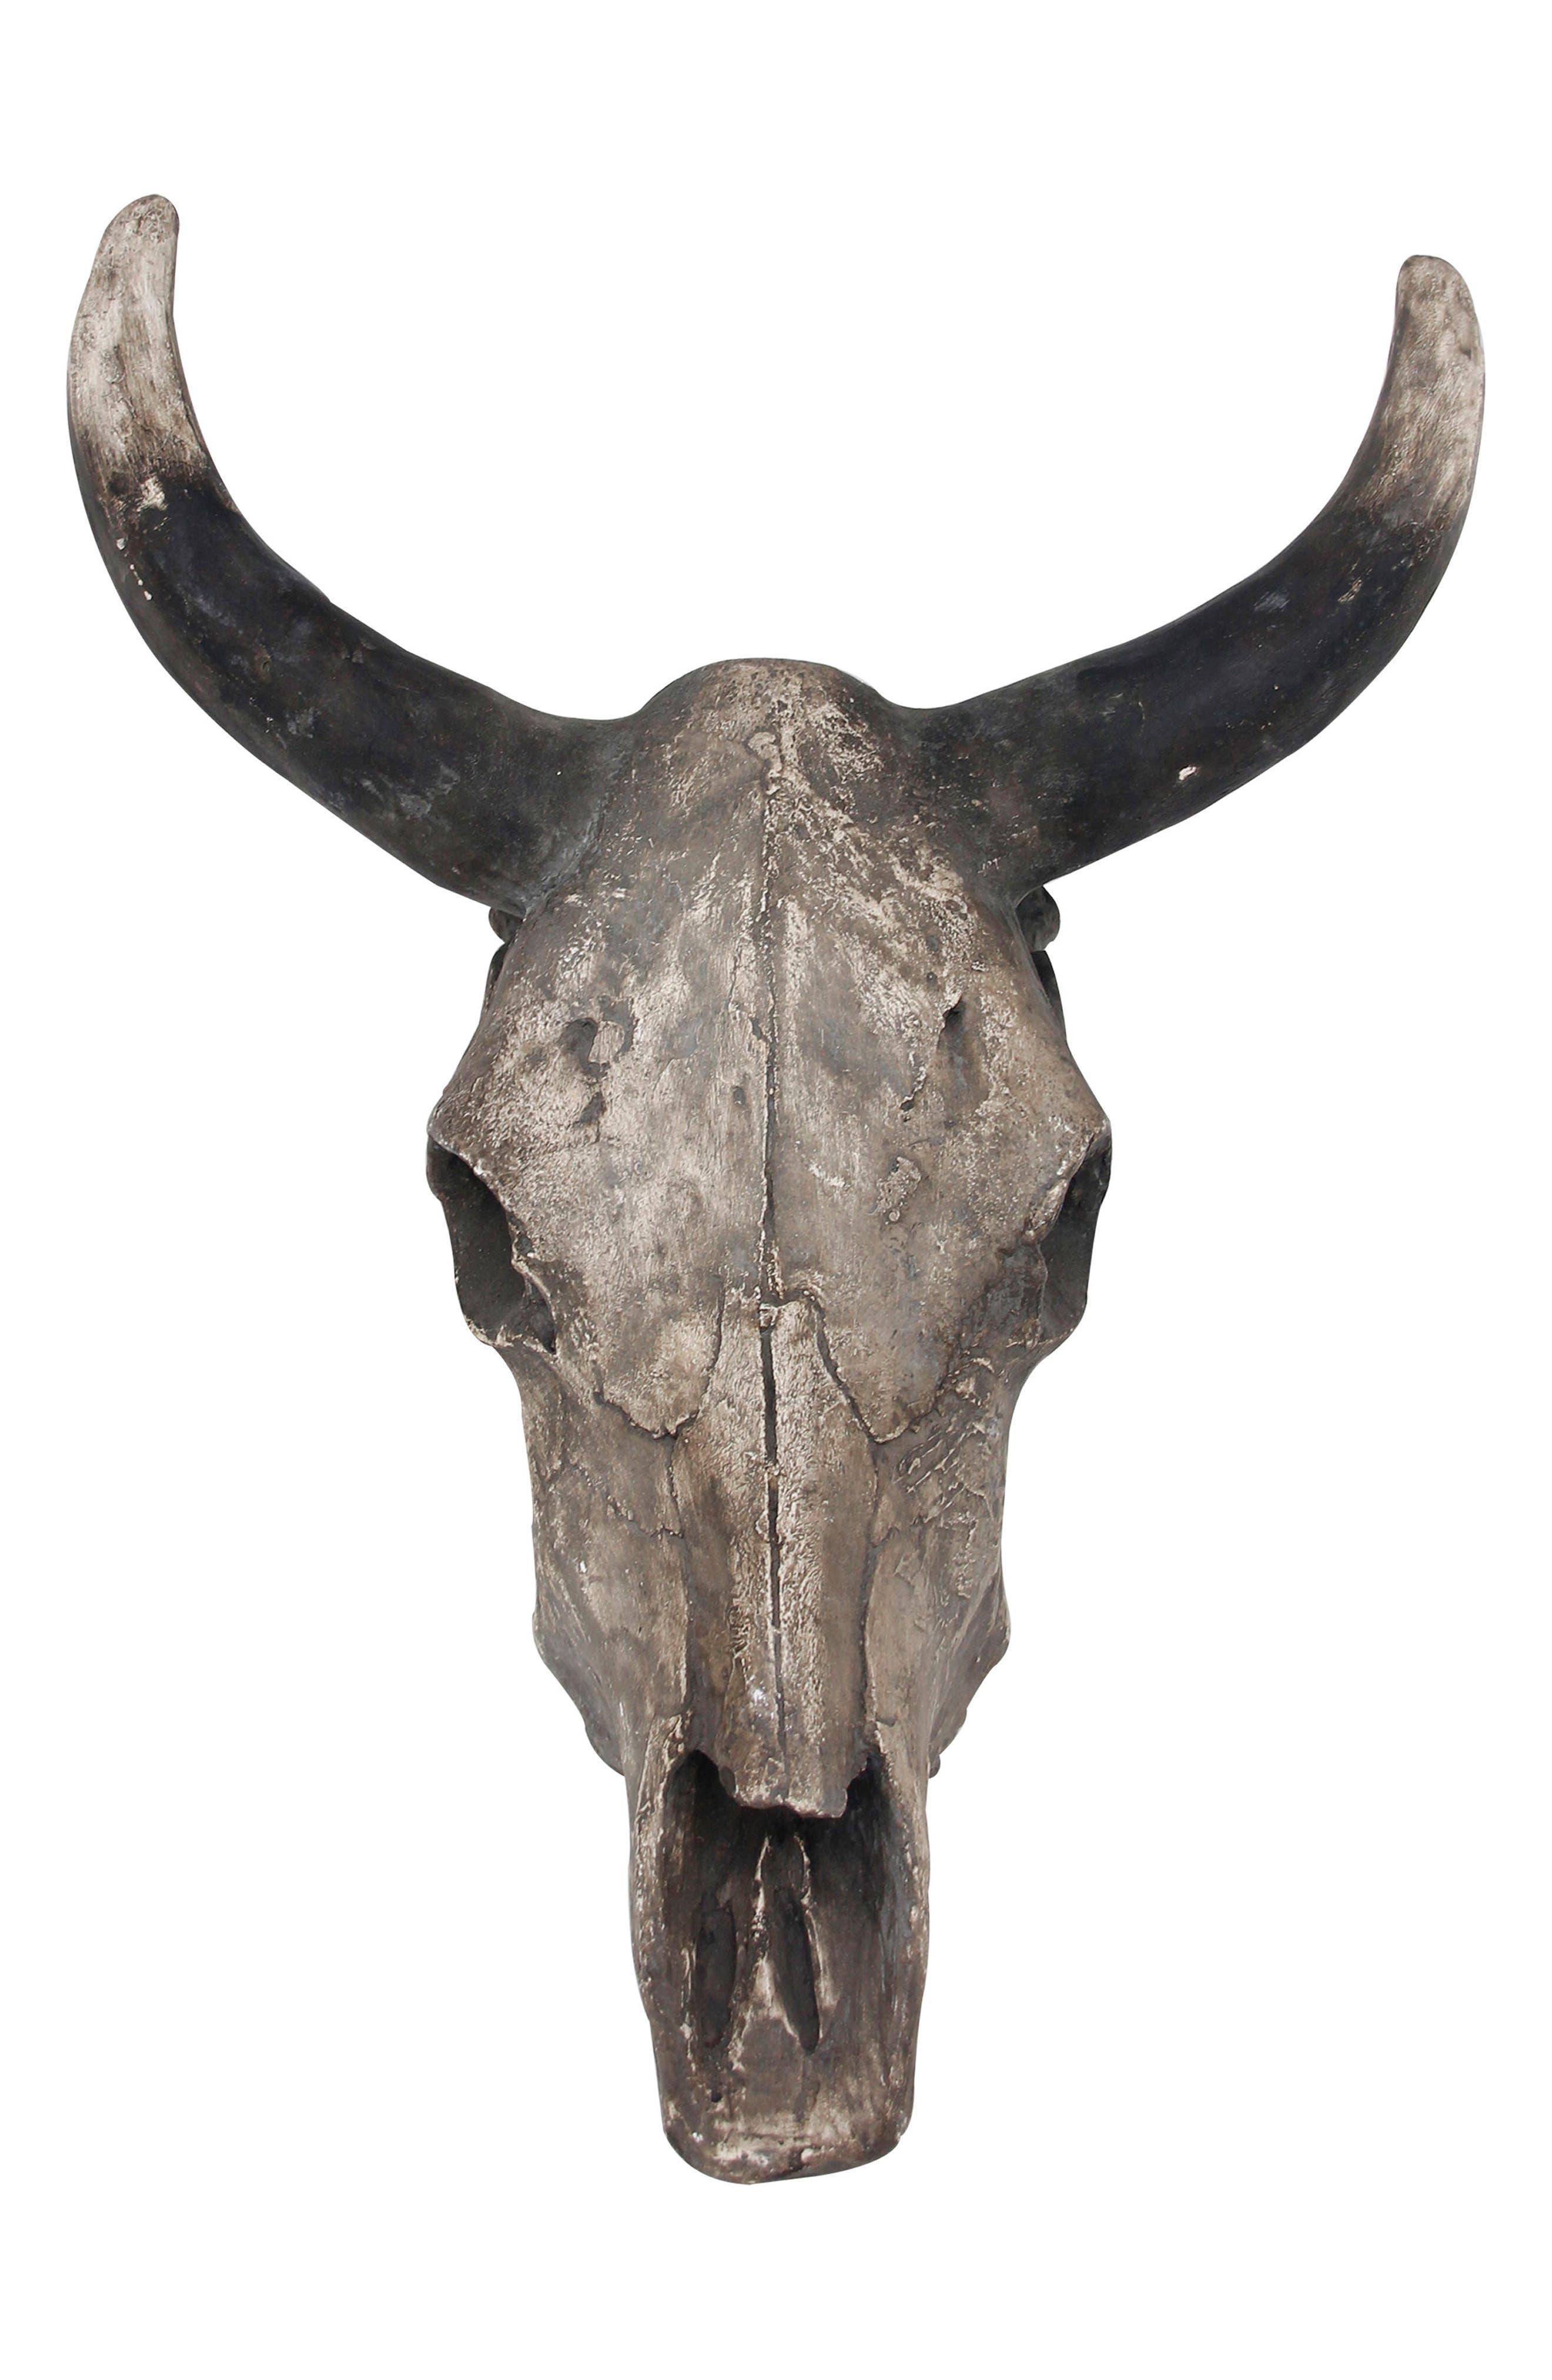 Alternate Image 1 Selected - Foreside Steer Skull Wall Art